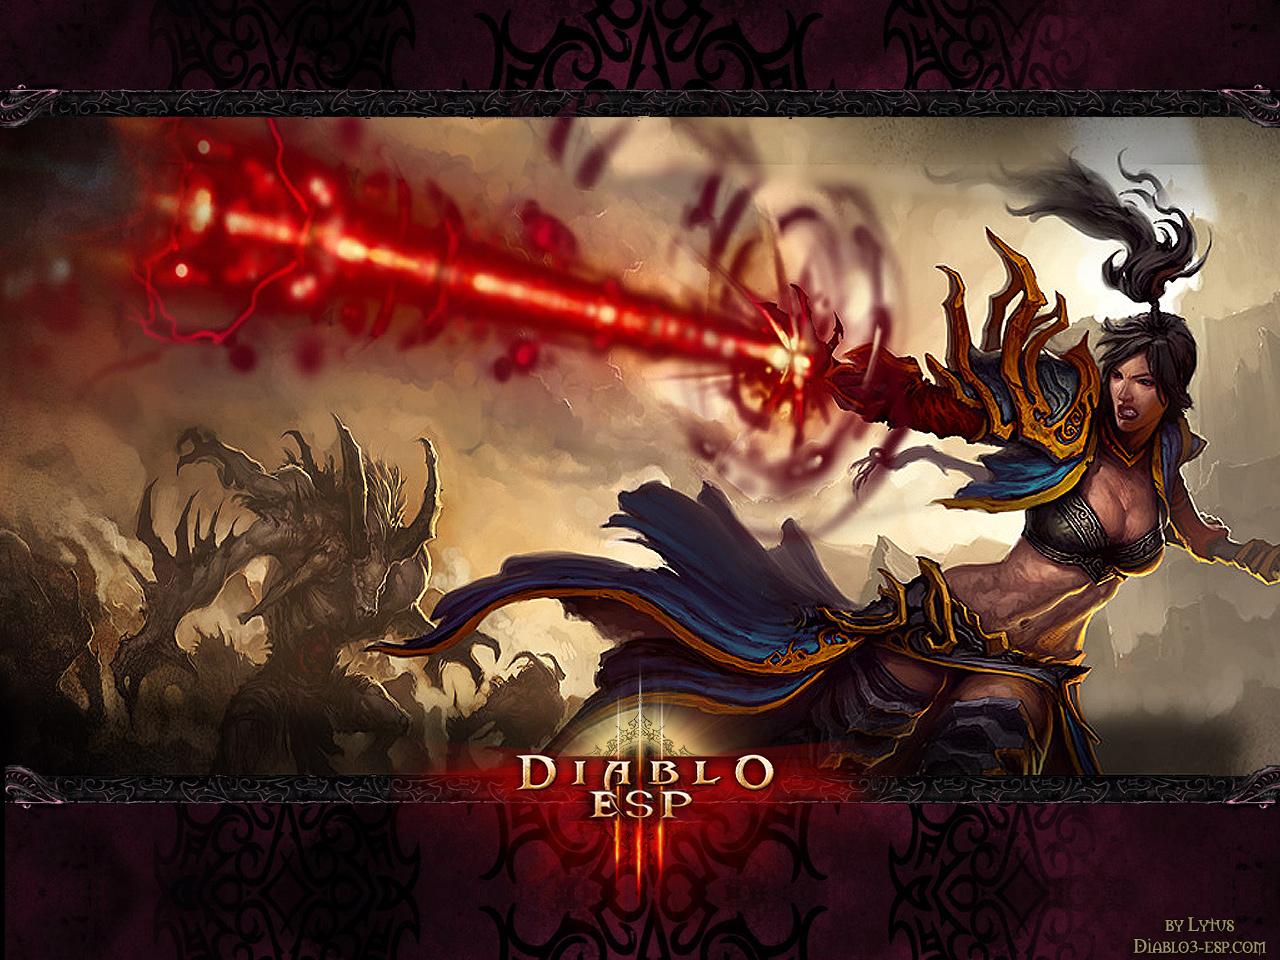 Diablo III Weekly Wallpaper #81: Movie Posters - Diabloii.Net  |Diablo Iii Poster